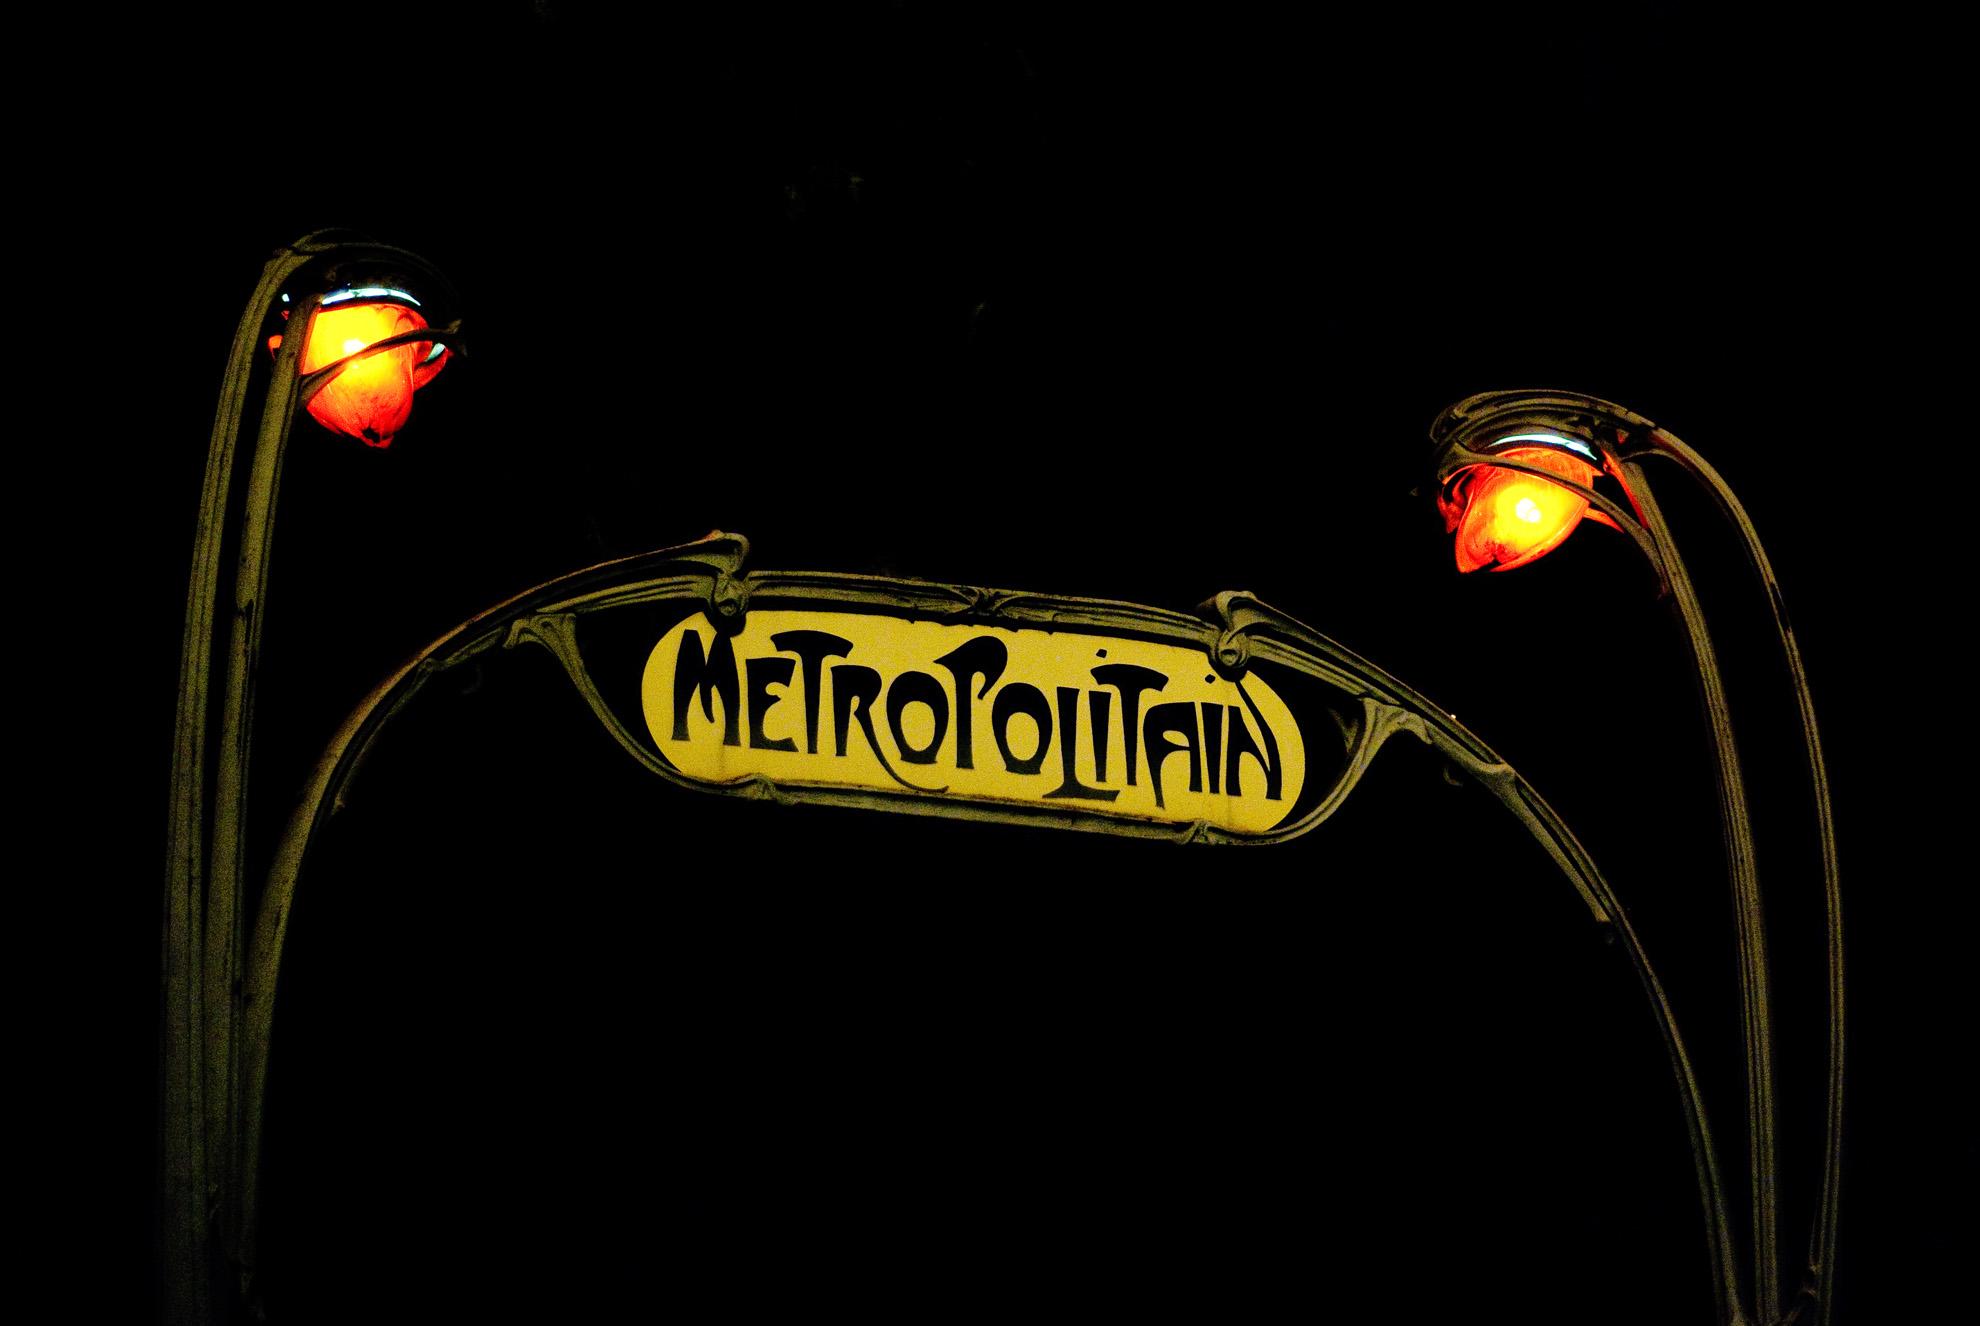 Brama paryskiego metra